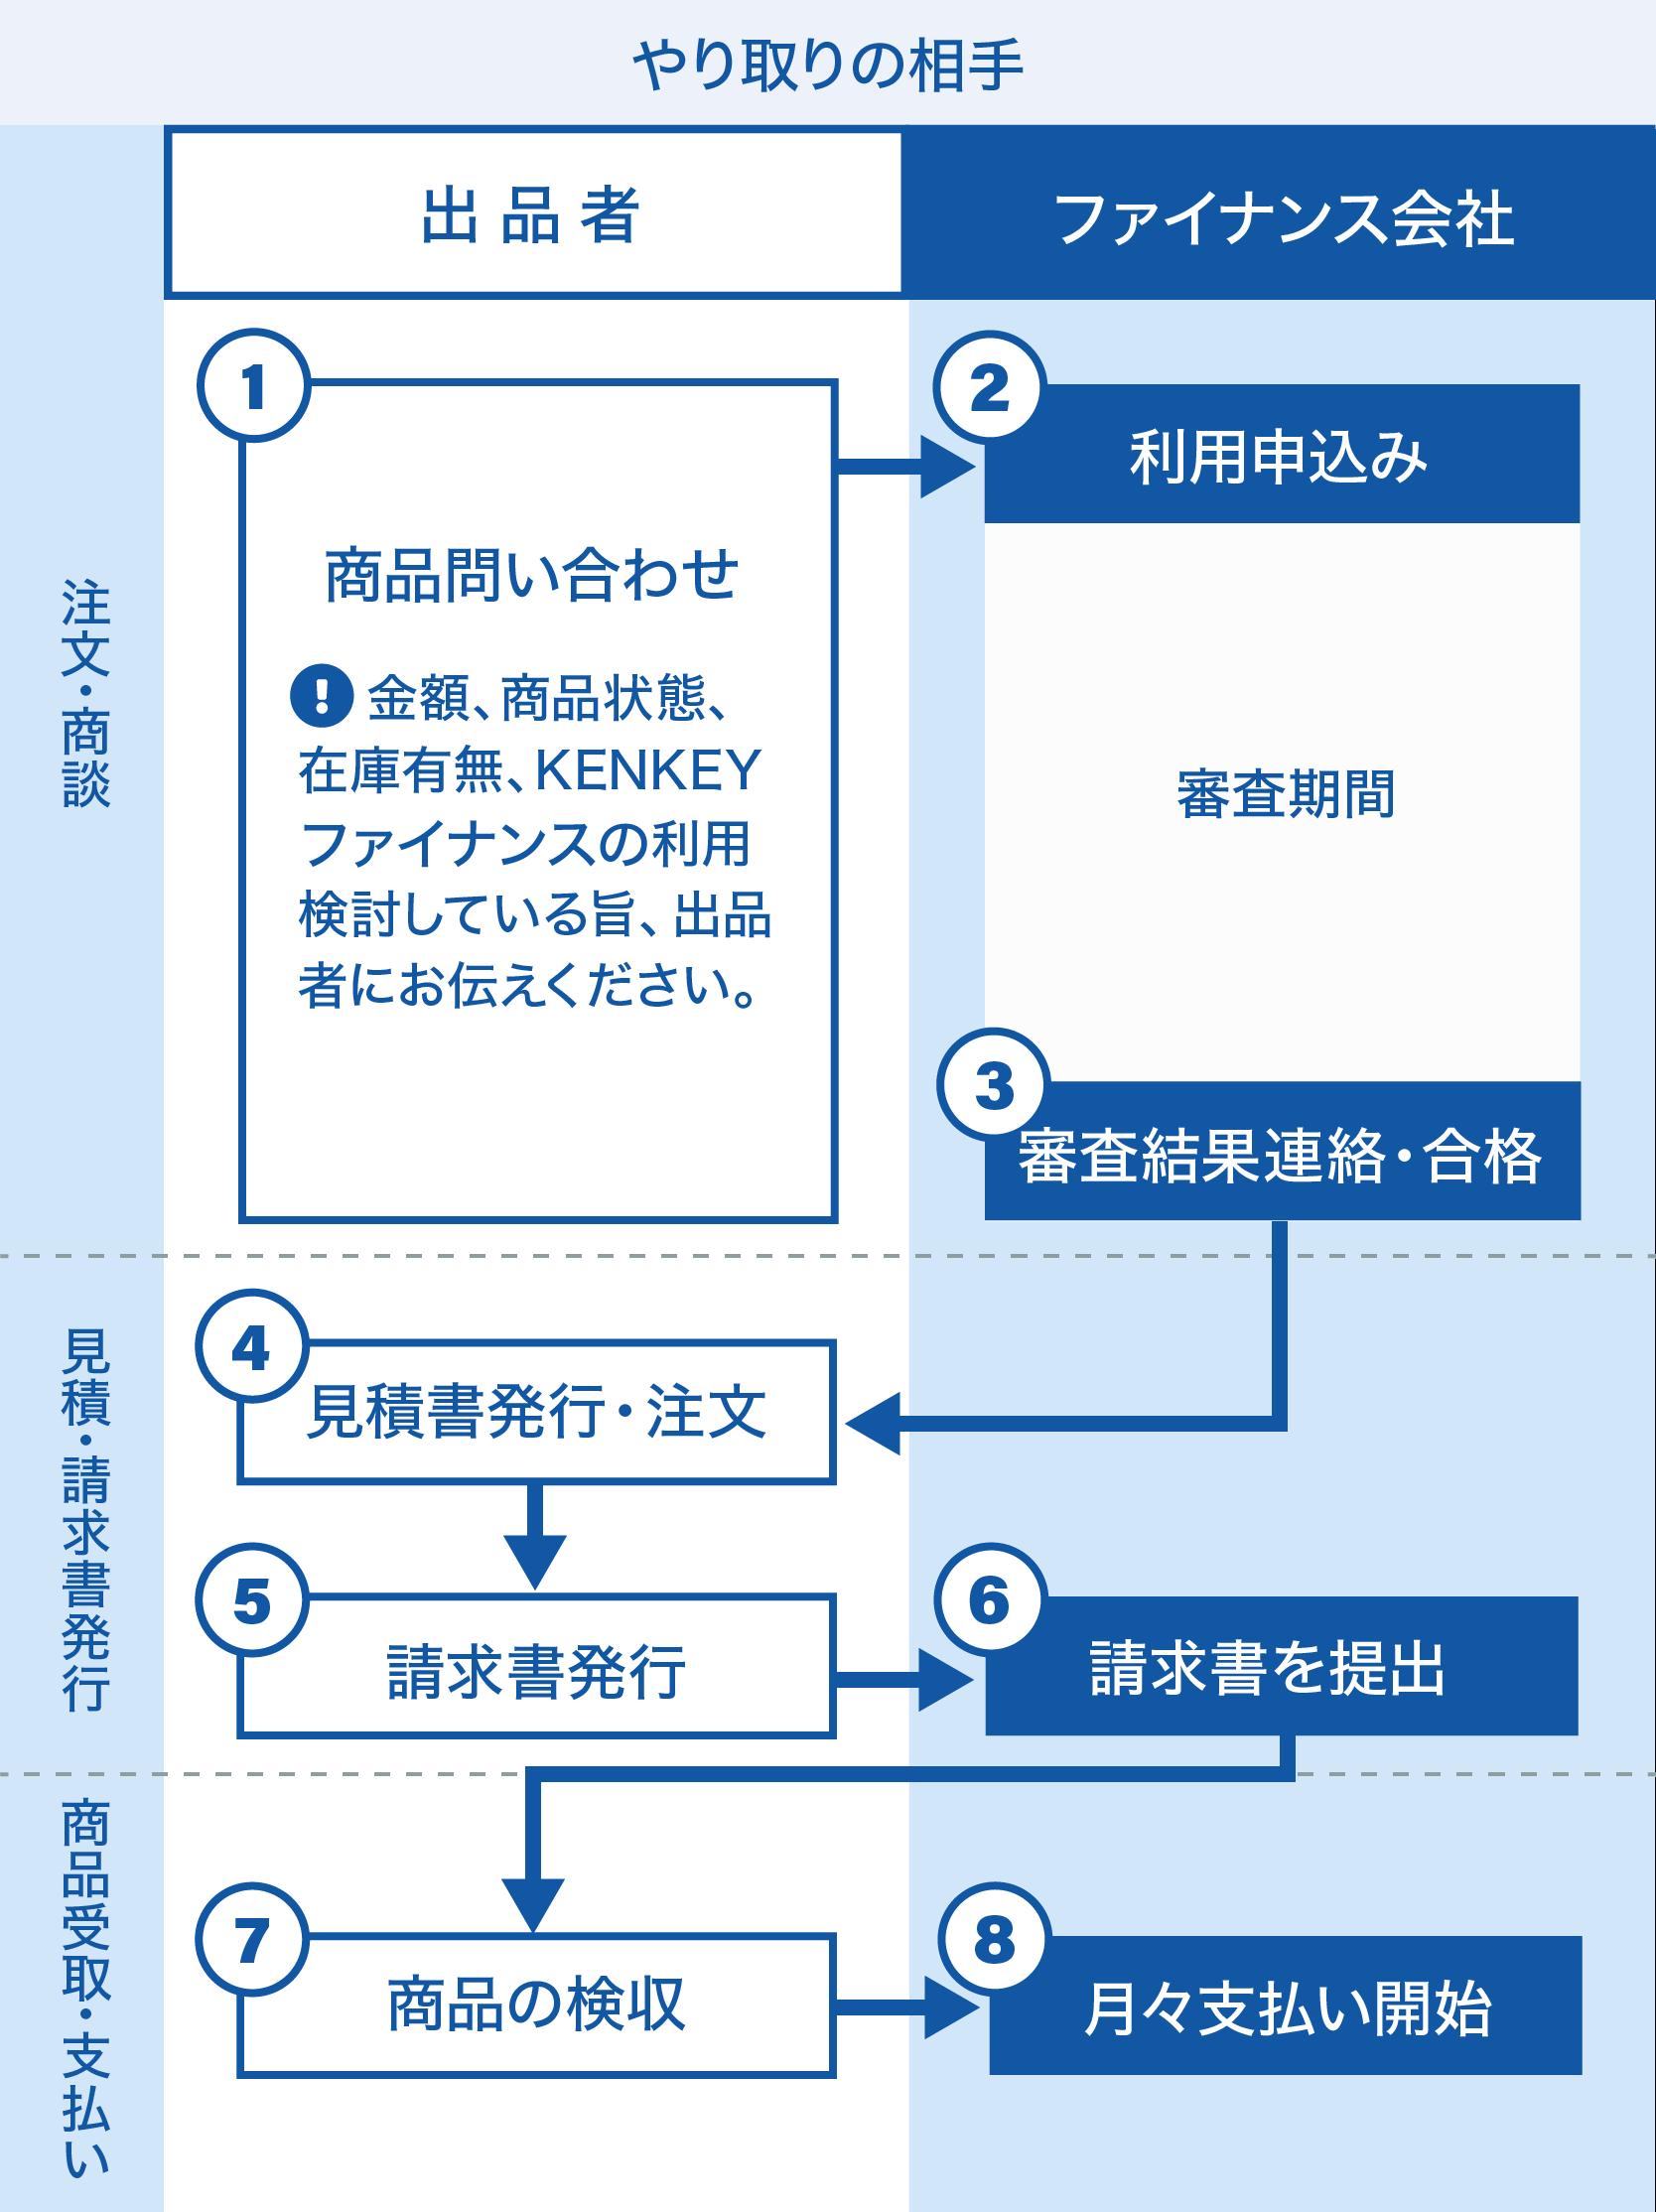 申込みステップのイメージ